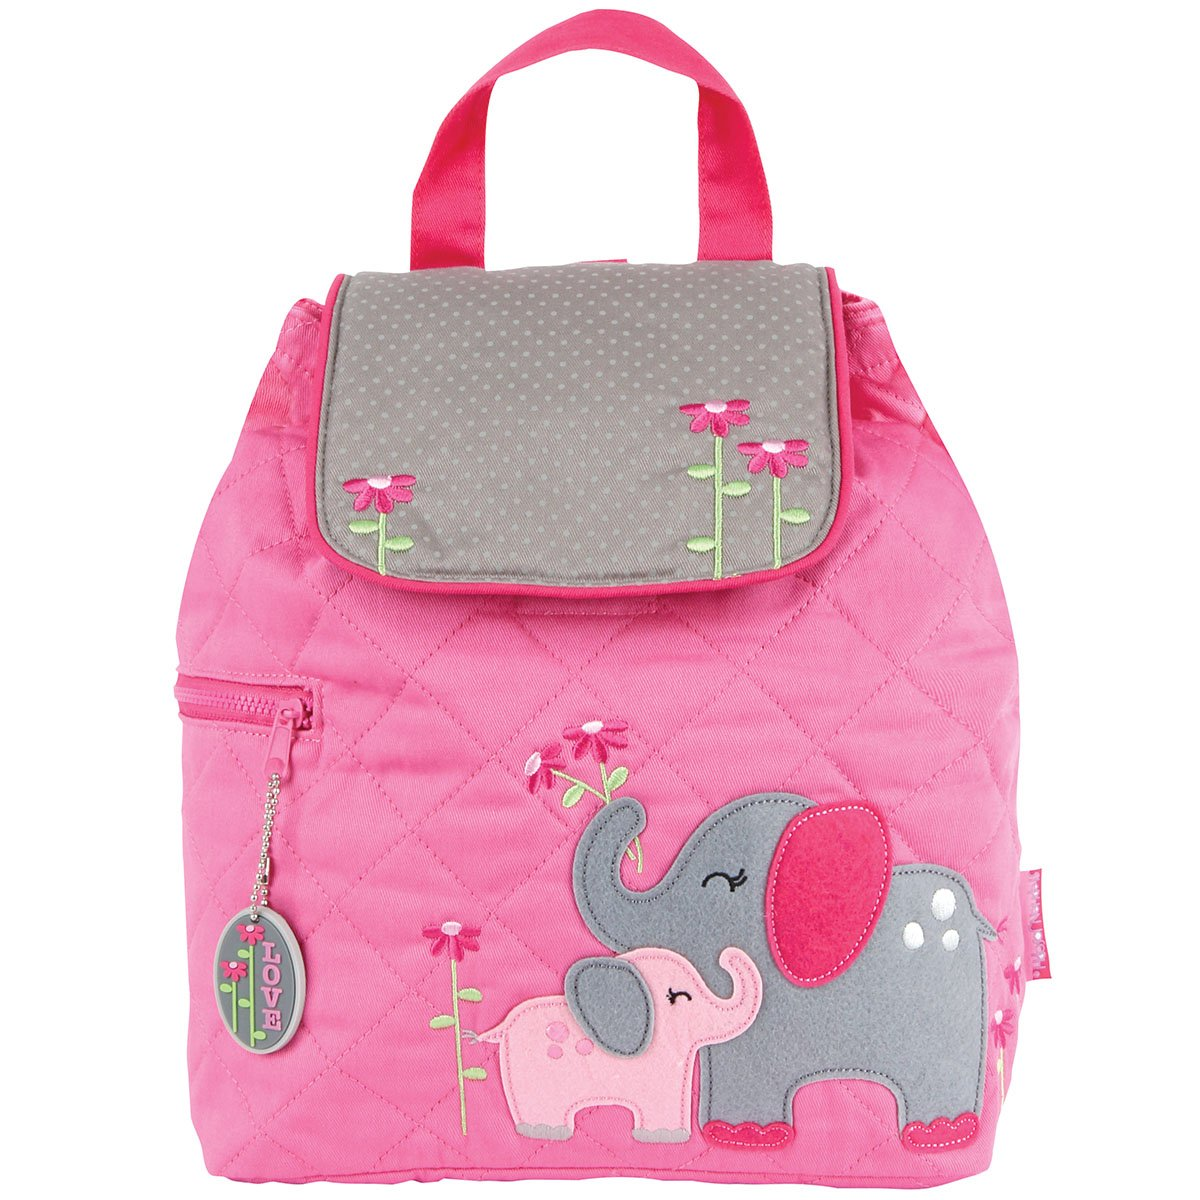 Stephen Joseph Children's Quilted Backpacks Sac à Dos Enfants, 33 cm, 2 liters, Rose (Pink) SJ-1001-G